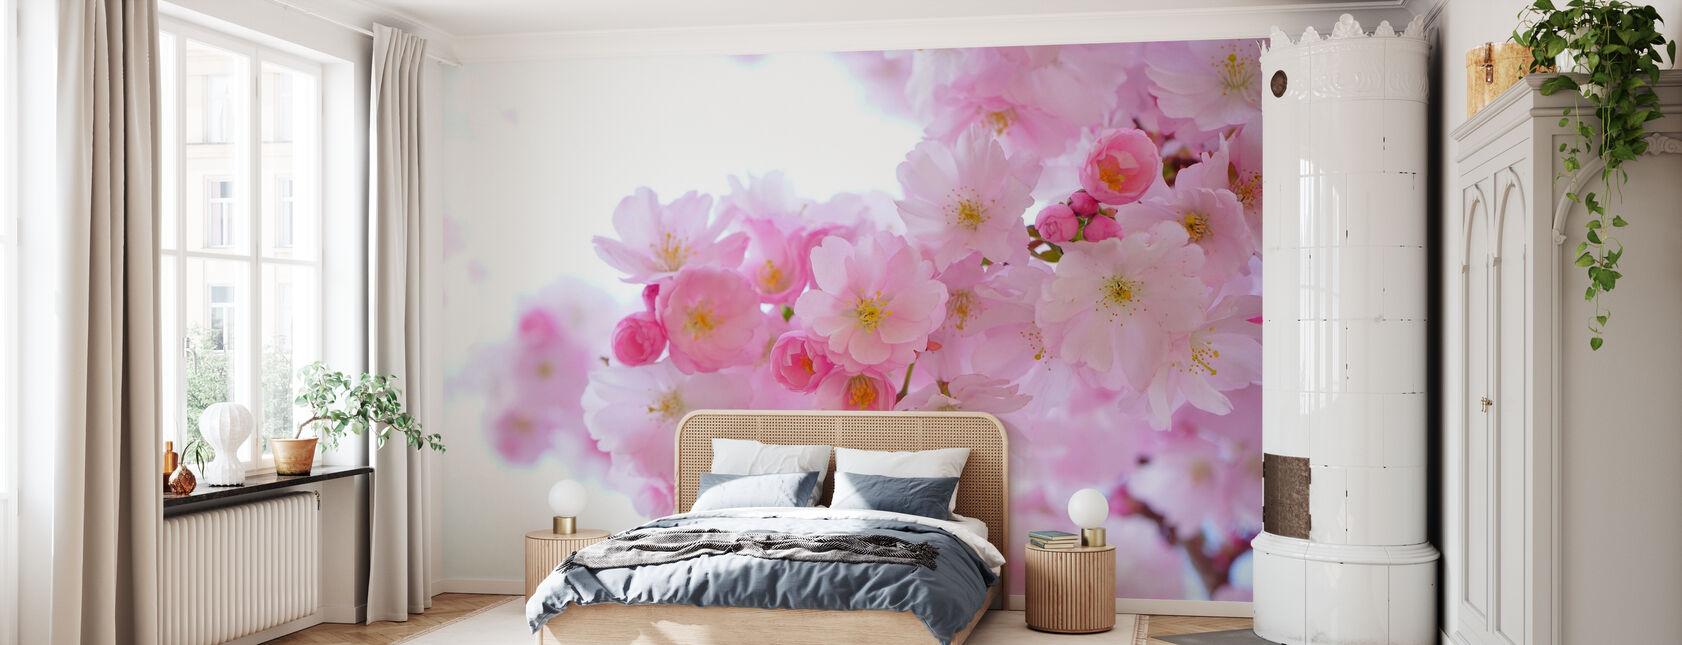 Blossom Cherry Blossom - Wallpaper - Bedroom